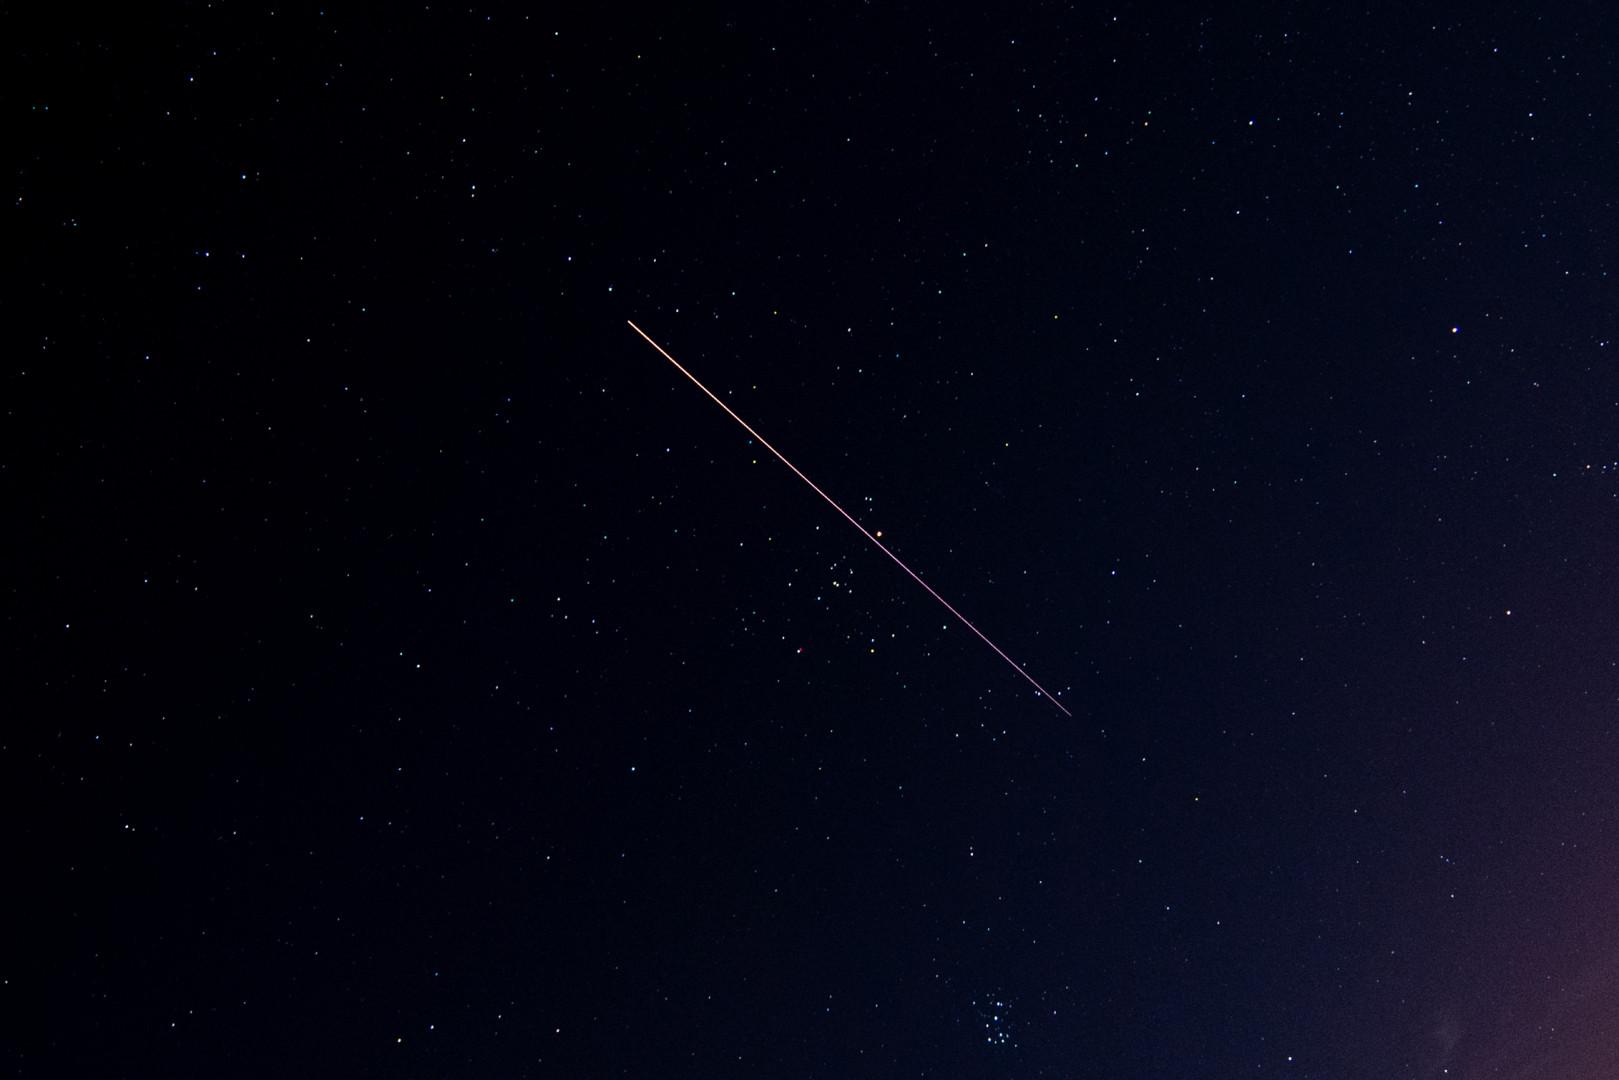 Après 6 ans dans l'espace, la sonde Hayabusa-2 a fait une halte par la Terre pour déposer un caisson contenant des échantillons d'astéroïde